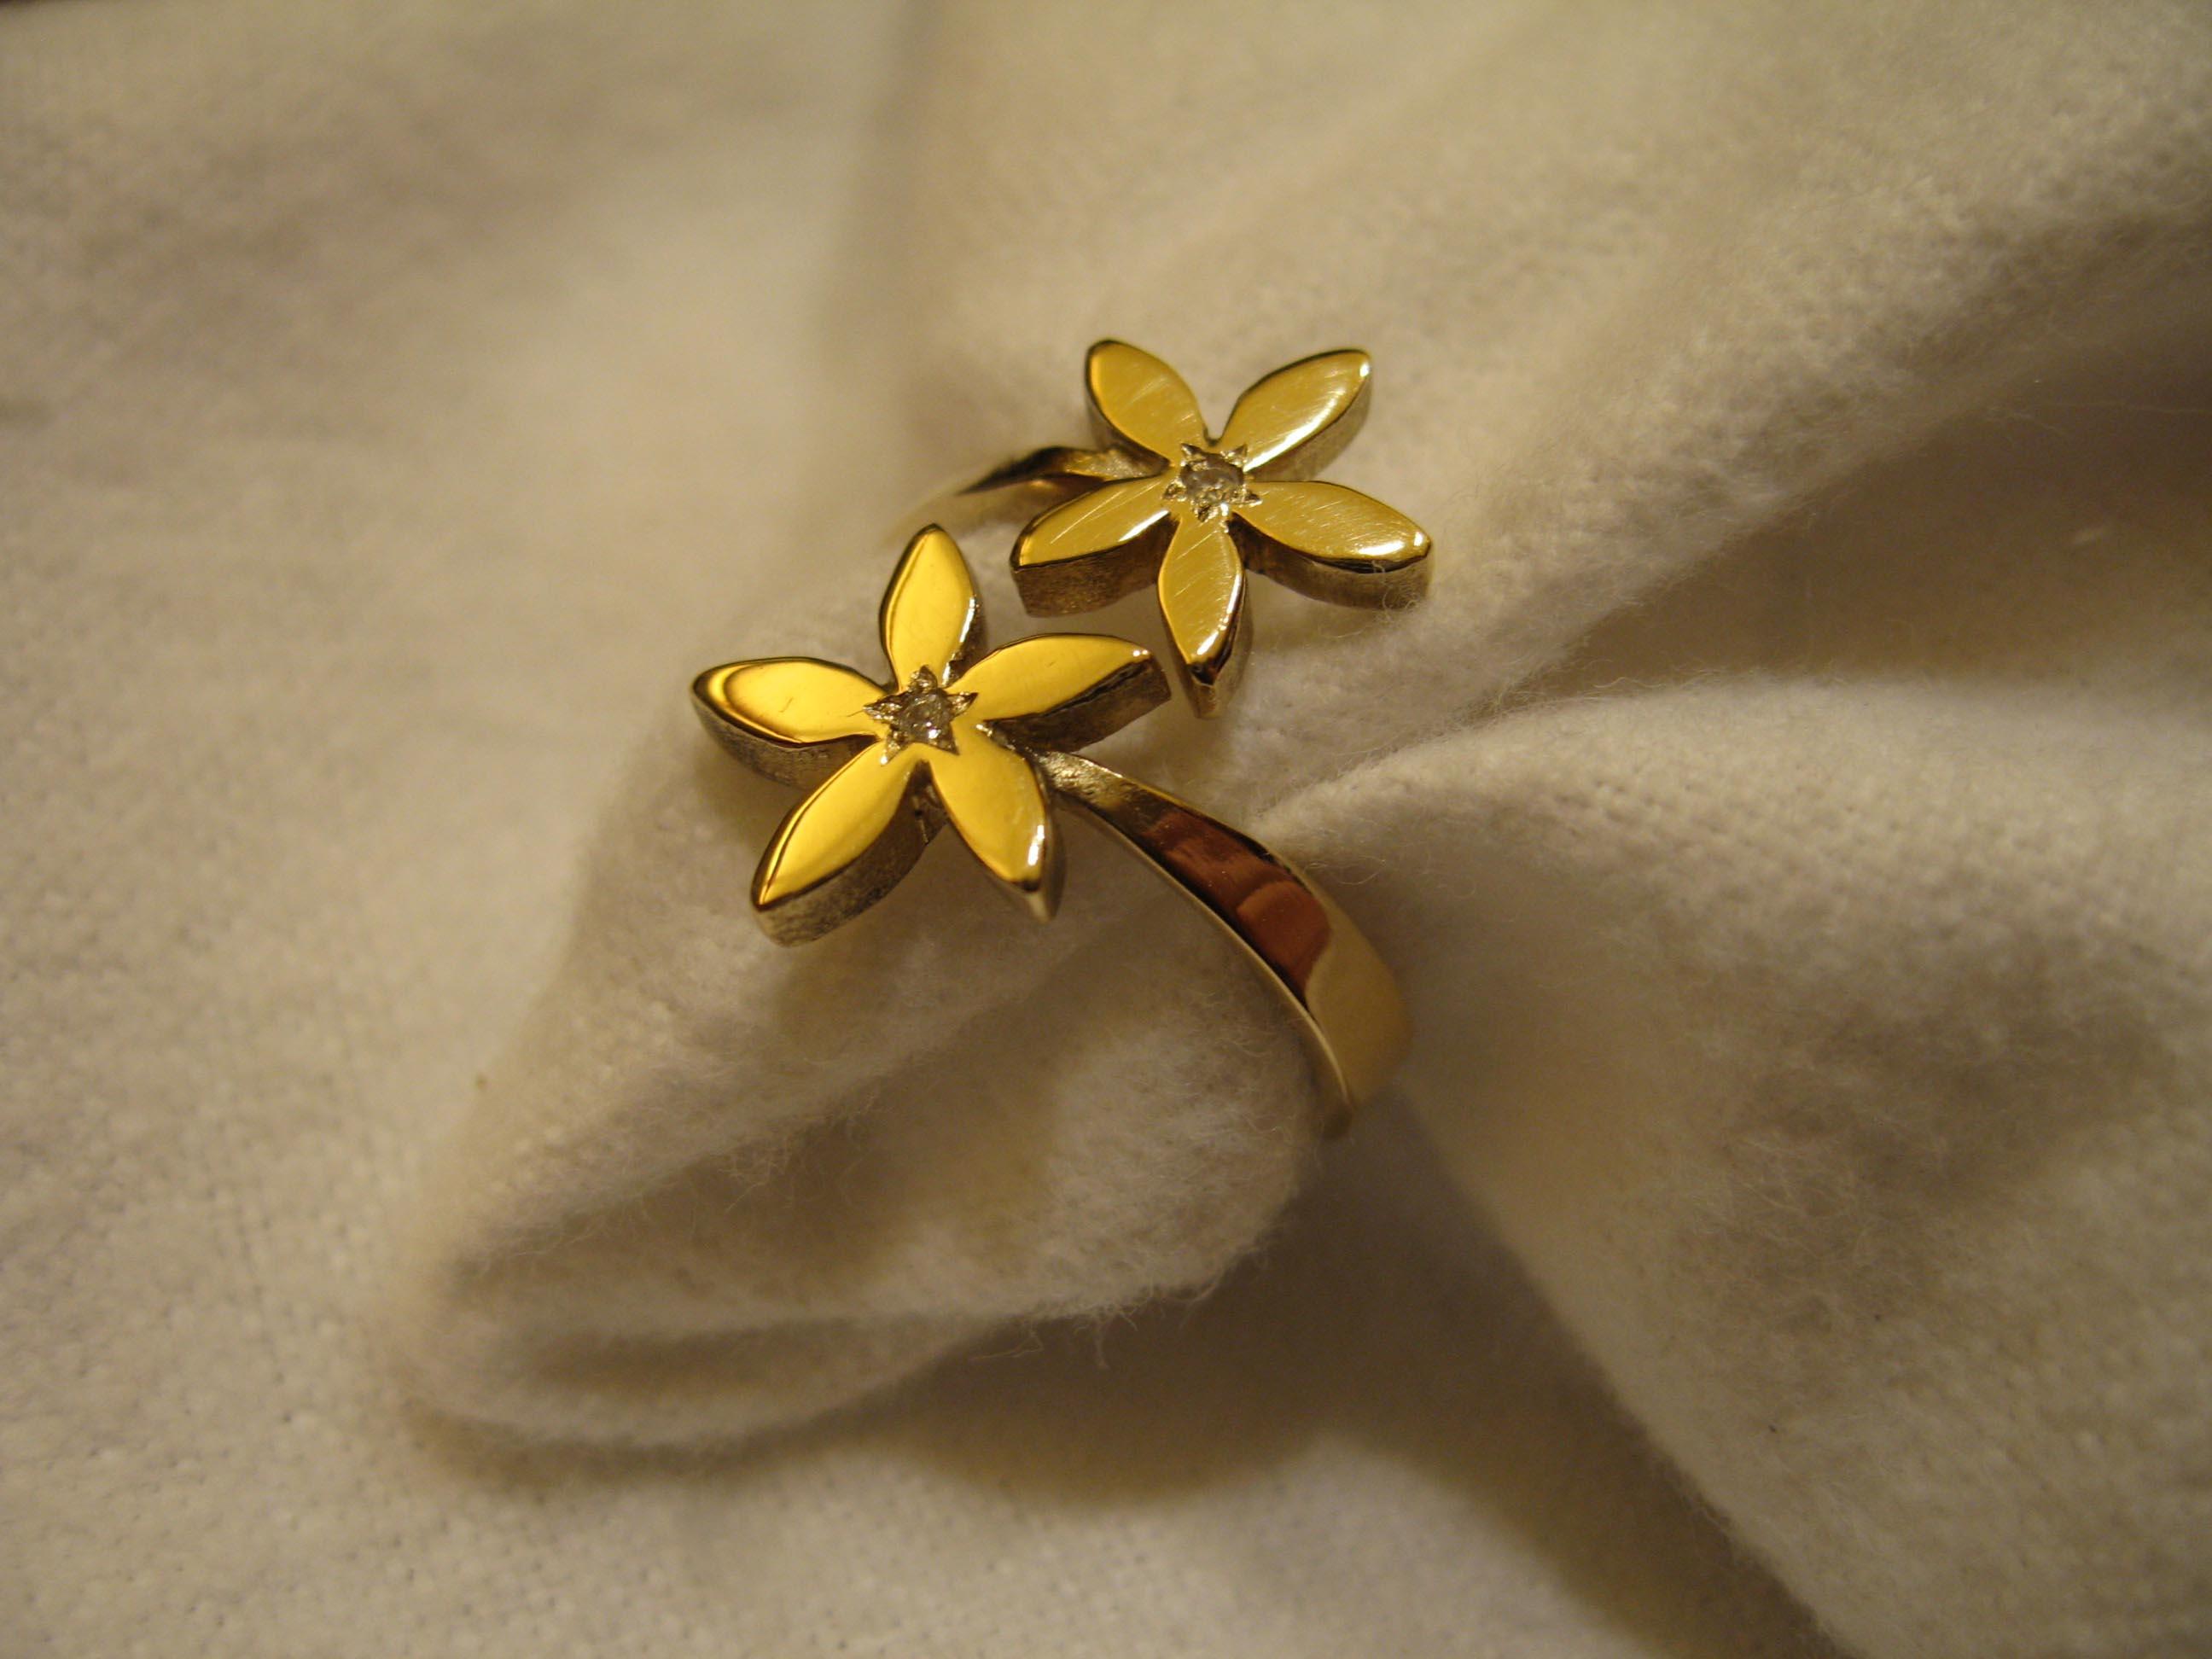 gioielli-fatti-a-mano-artigianato-artistico-5